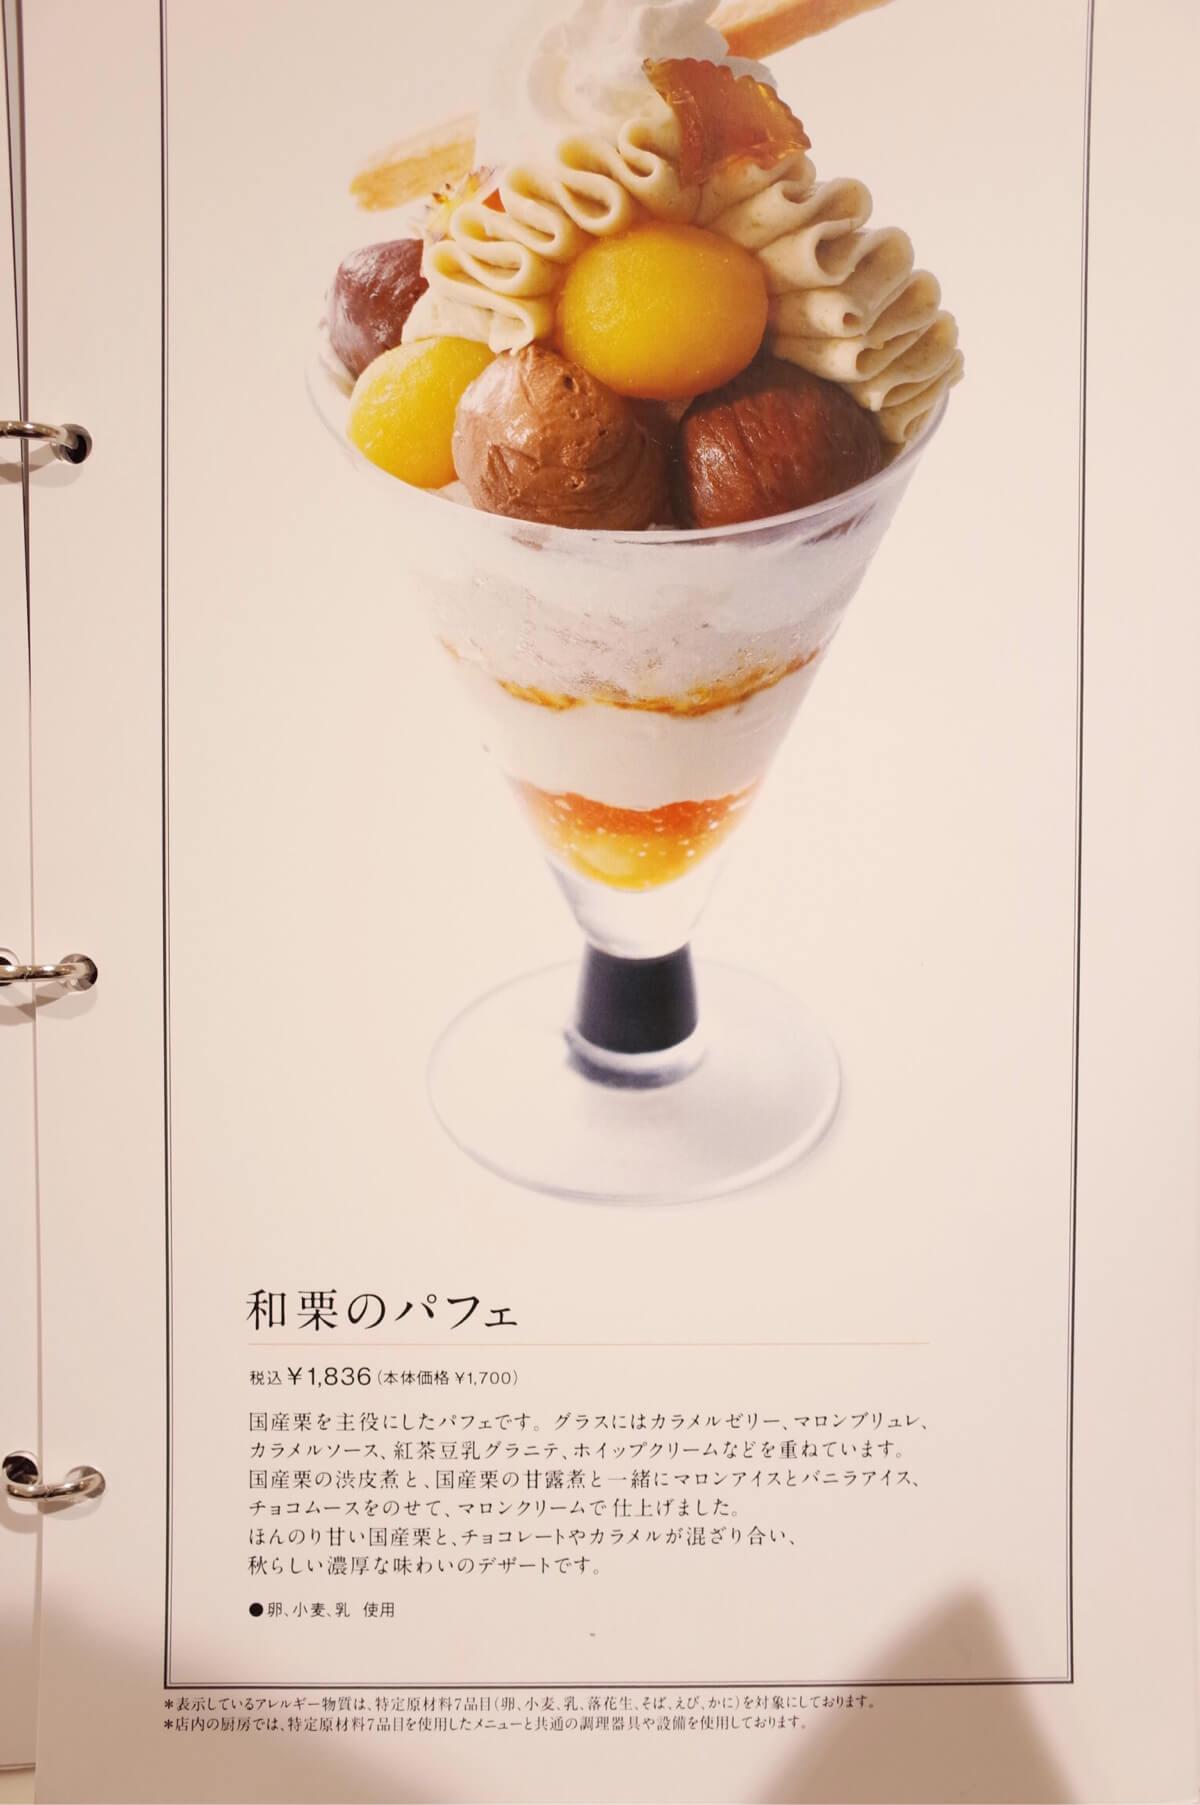 タカノフルーツパーラー 新宿本店 パフェ